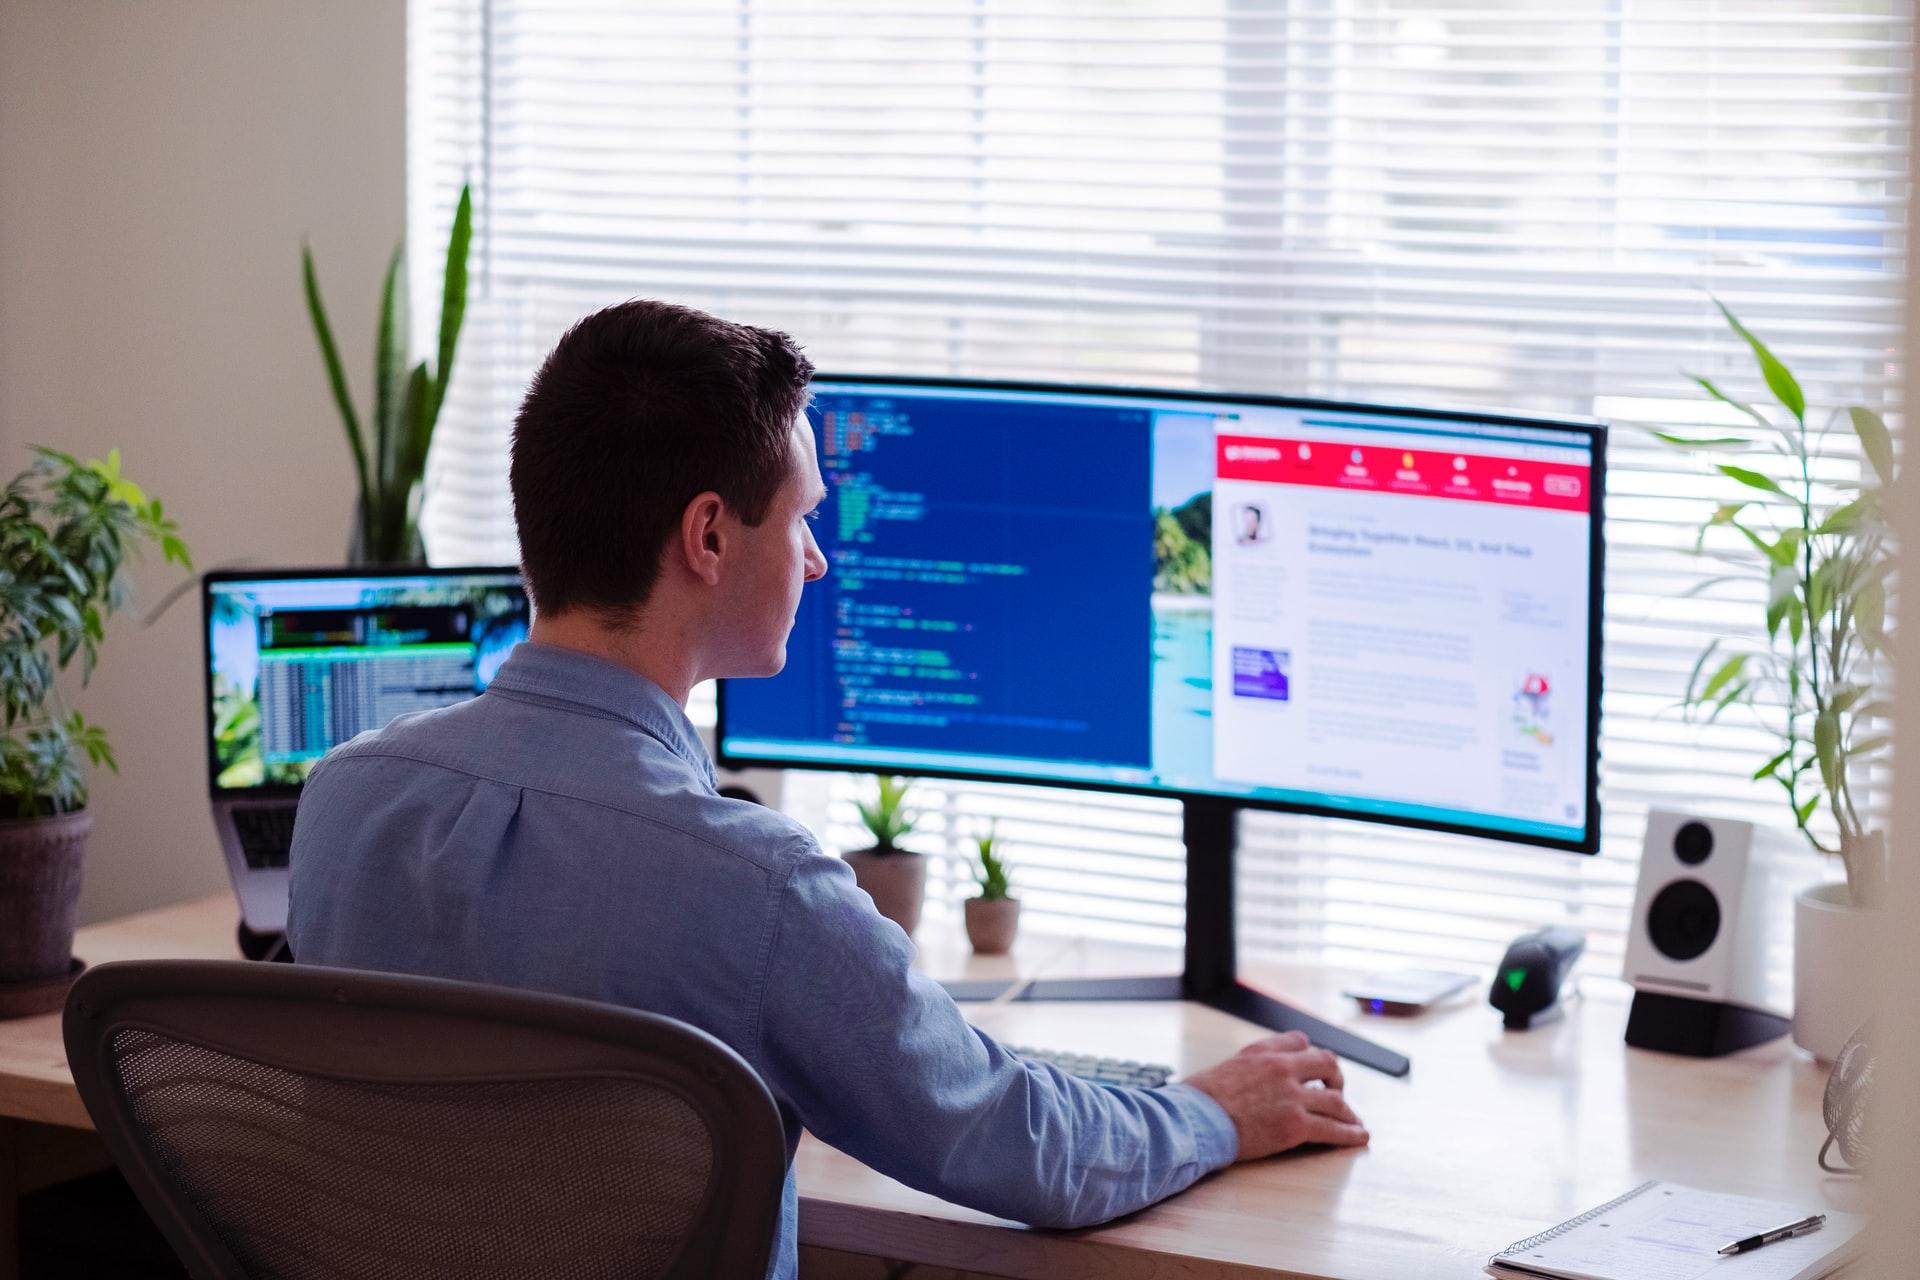 Trabajador utilizando un monitor externo conectado a un ordenador portátil